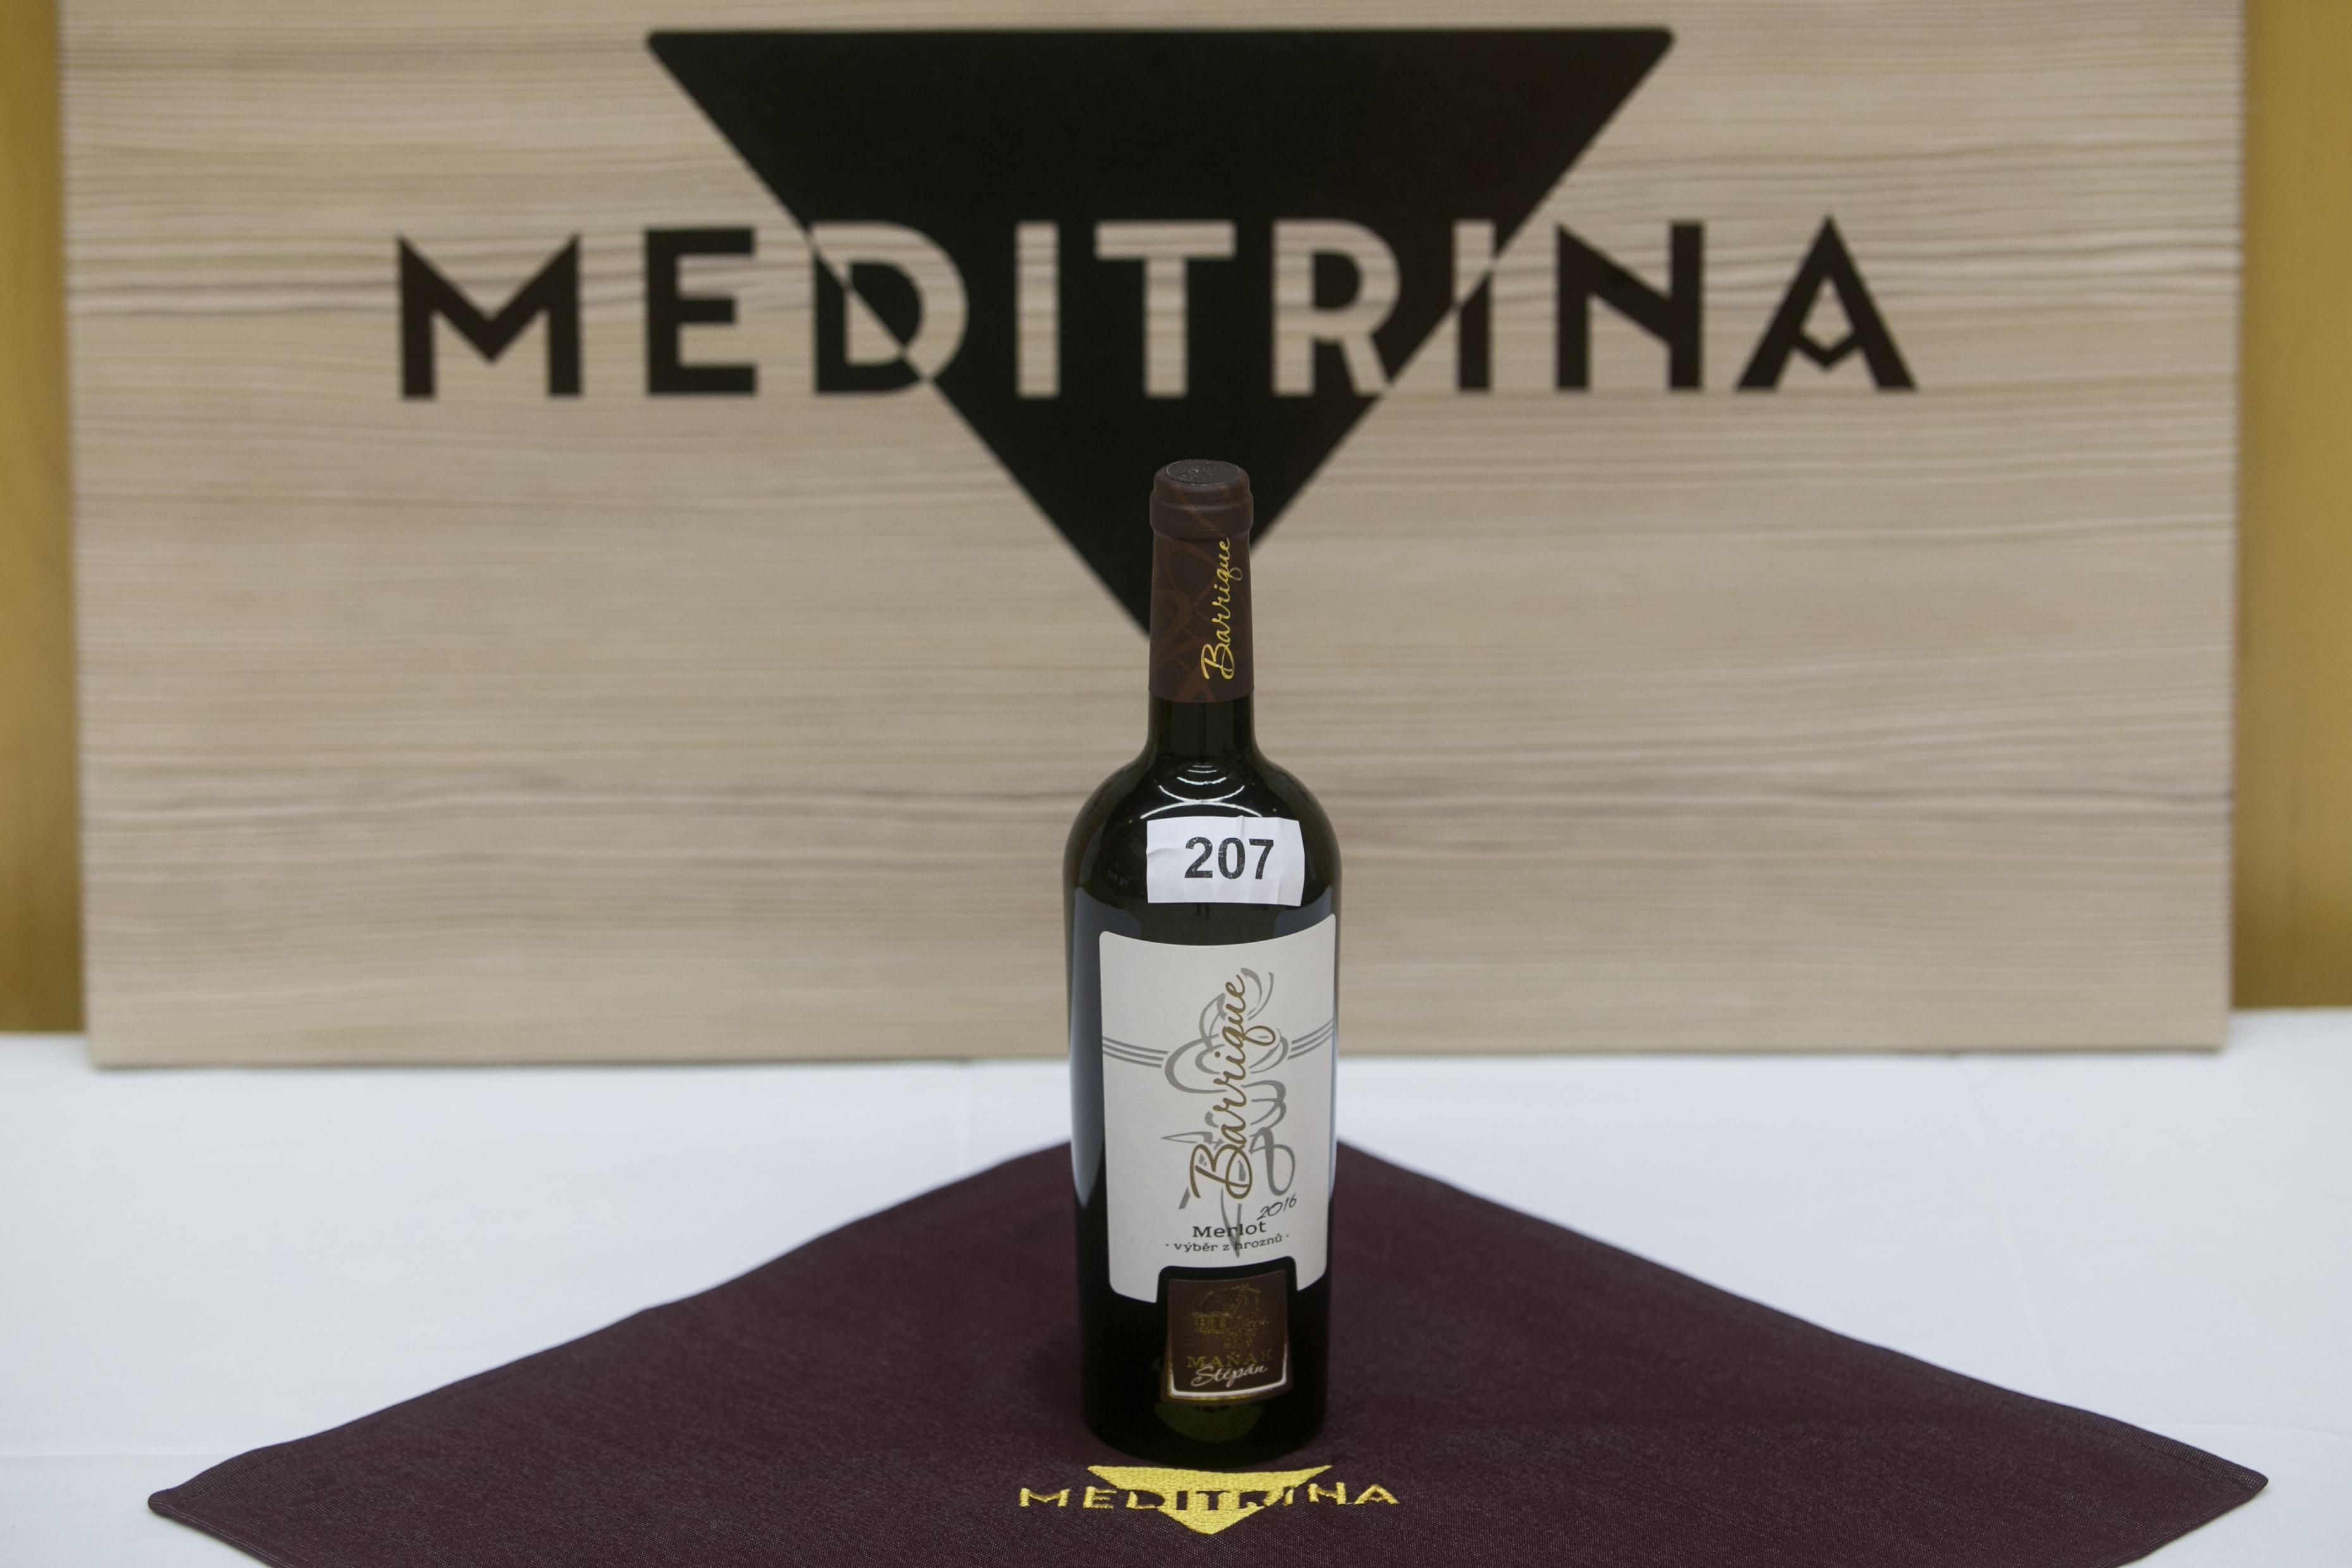 Meditrina_126